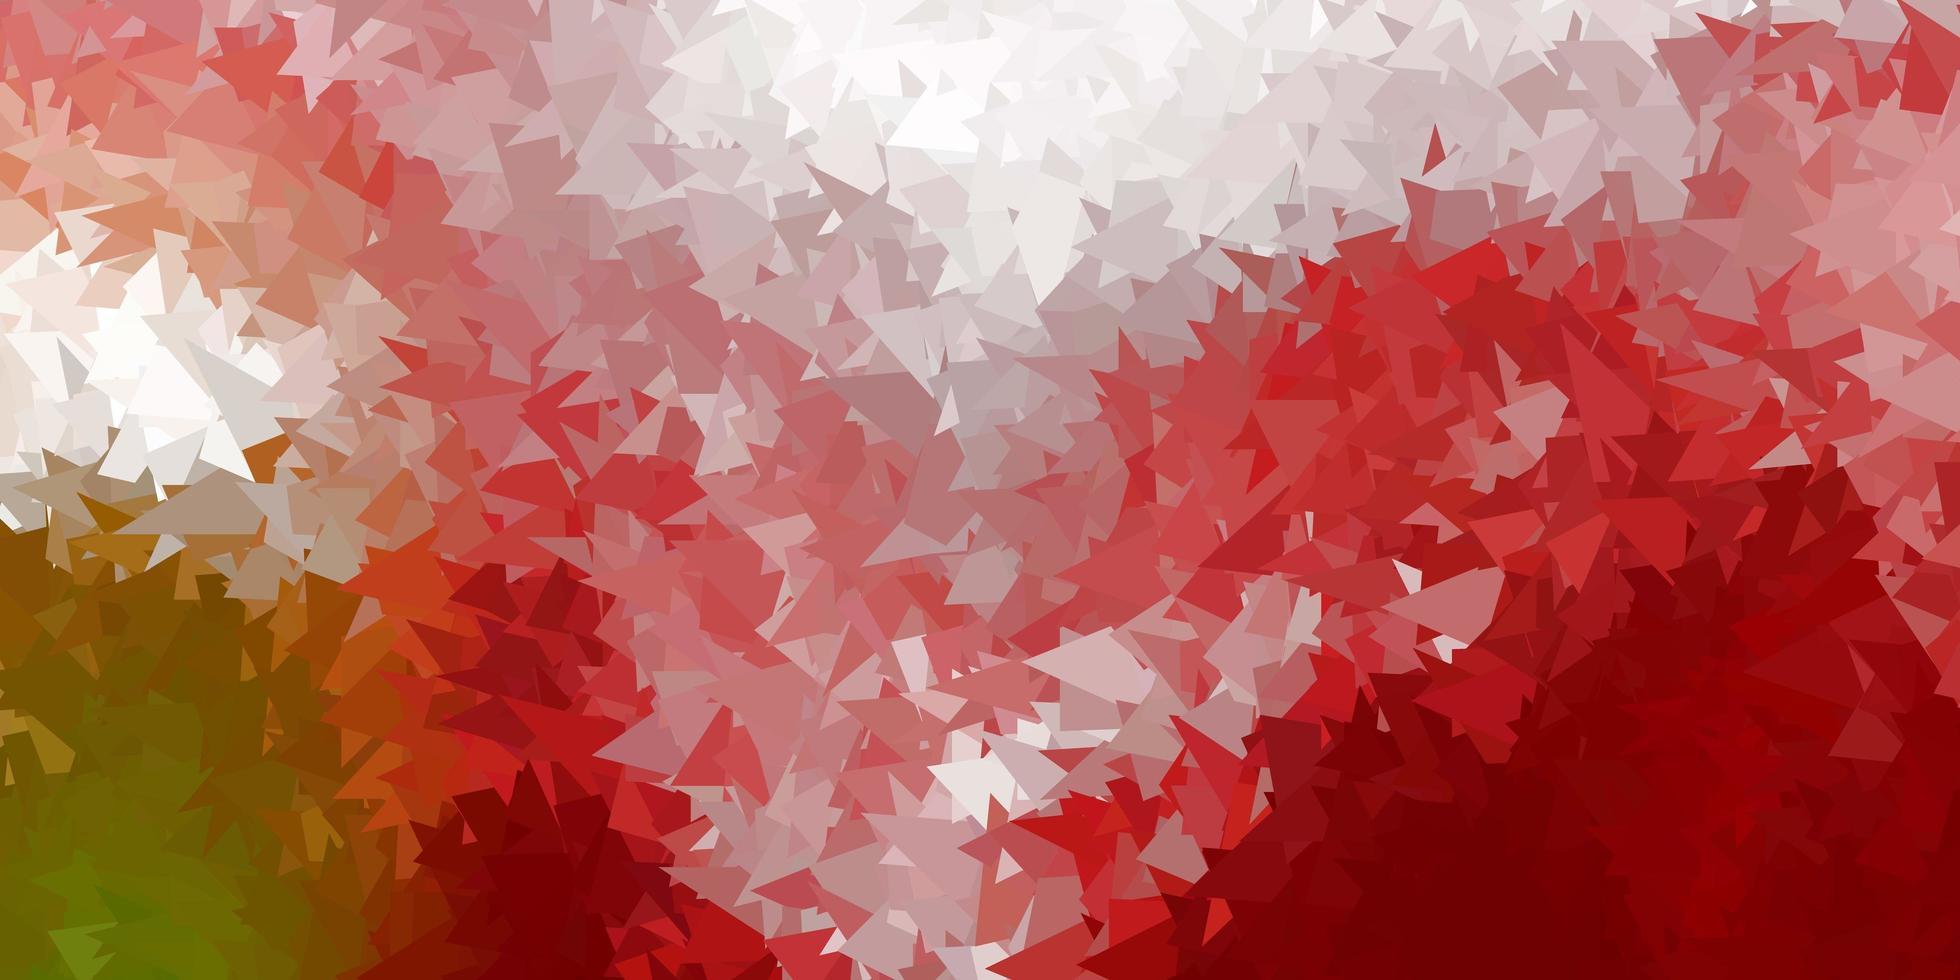 mörkgrön, röd vektor polygonal bakgrund.